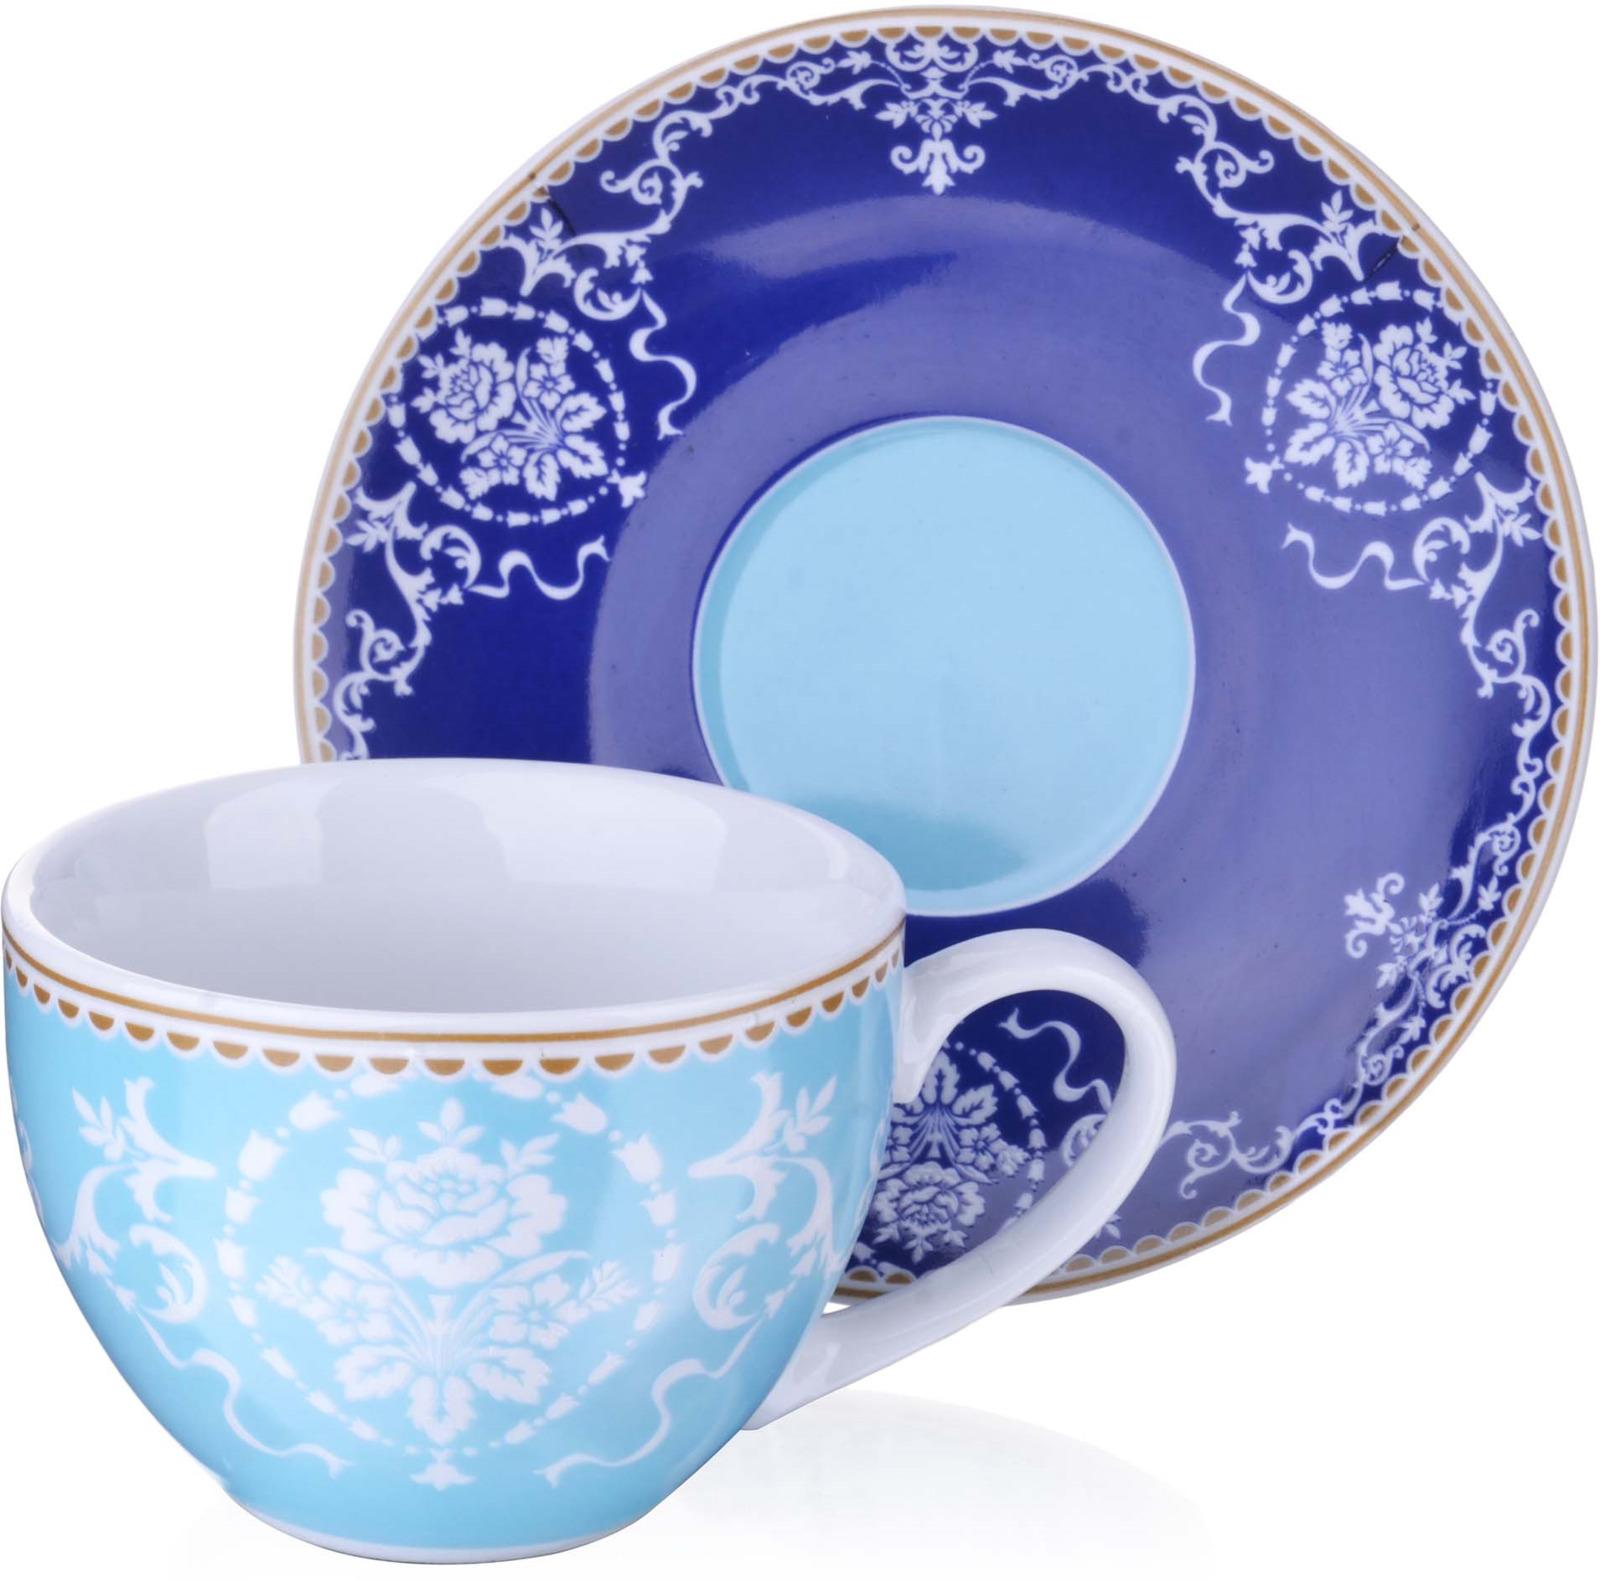 Чайная пара Loraine, цвет: голубой, красный, белый, 220 мл, 2 предмета. у4022у4022Чайная пара Loraine на 1 персону, изготовлена из высококачественного костяного фарфора изысканного белого цвета, состоит из чашечки и блюдца. Изделия набора украшены тонкой каймой и имеют красивый и нежный дизайн. Набор придется по вкусу и ценителям классики, и тем, кто предпочитает утонченность и изысканность. Он настроит на позитивный лад и подарит хорошее настроение с самого утра. Набор упакован в подарочную упаковку. Такой чайный набор станет прекрасным украшением стола, а процесс чаепития превратится в одно удовольствие! Это замечательный выбор для подарка родным и друзьям!